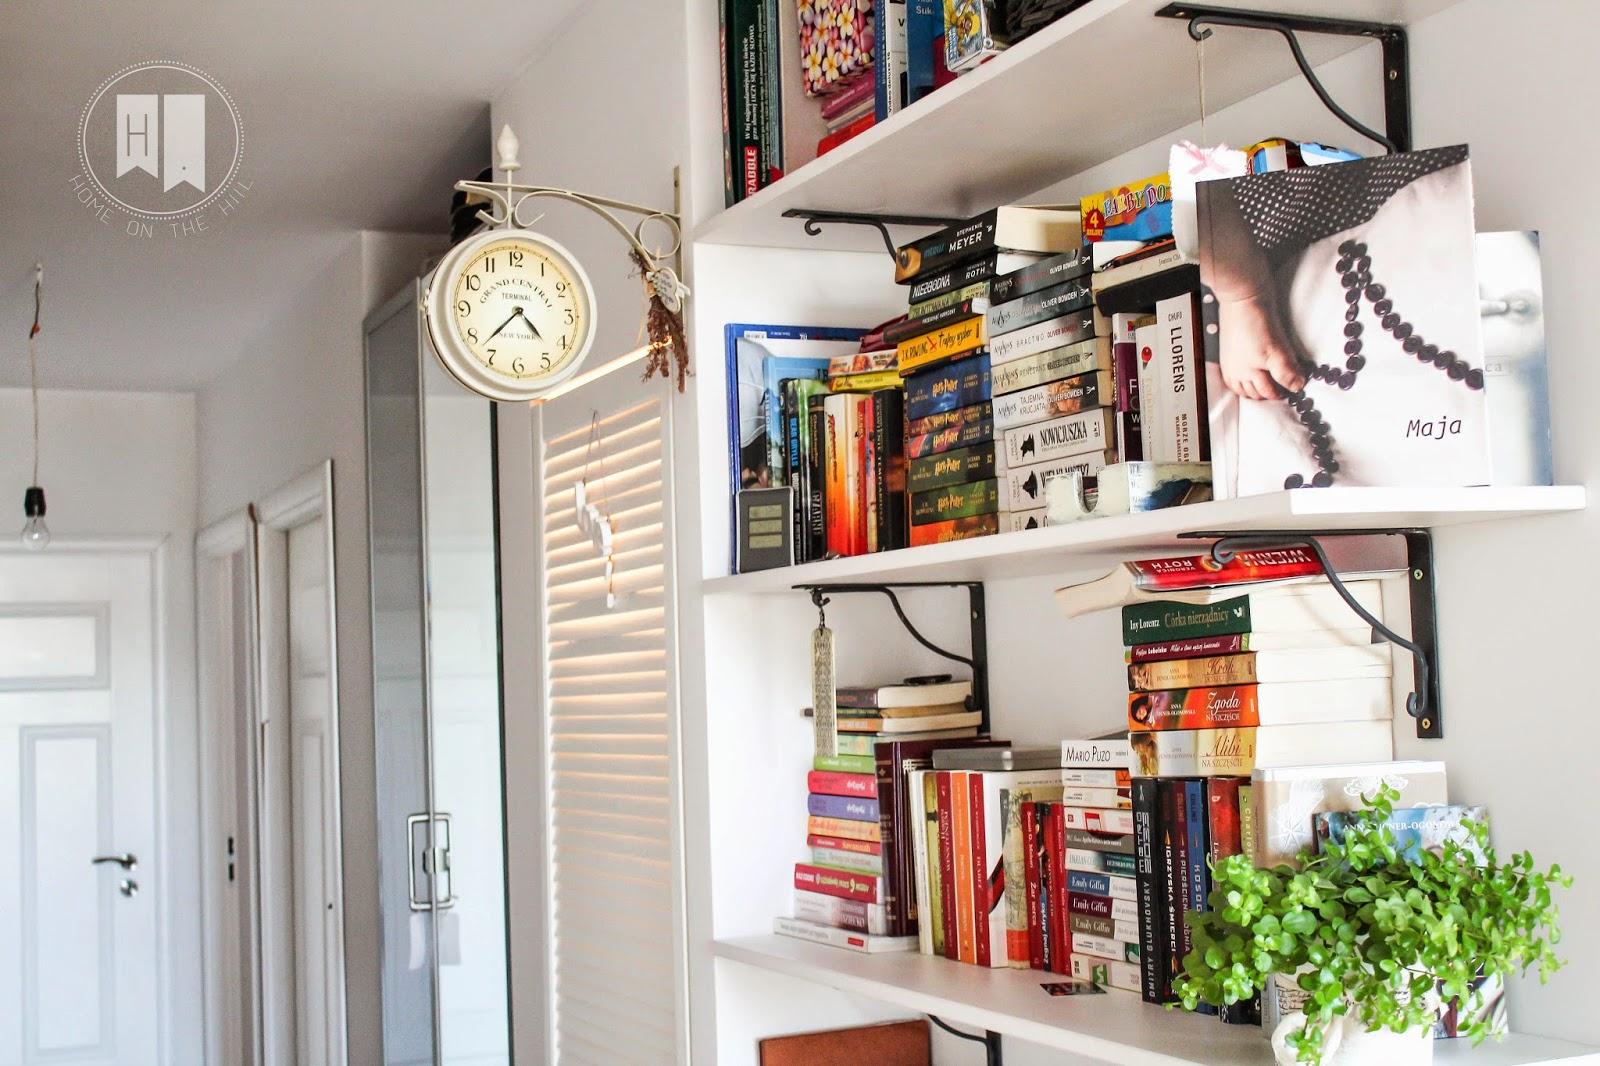 Home on the Hill  blog lifestylowy  wnętrza, inspiracje   -> Kuchnia Przedpokój Inspiracje